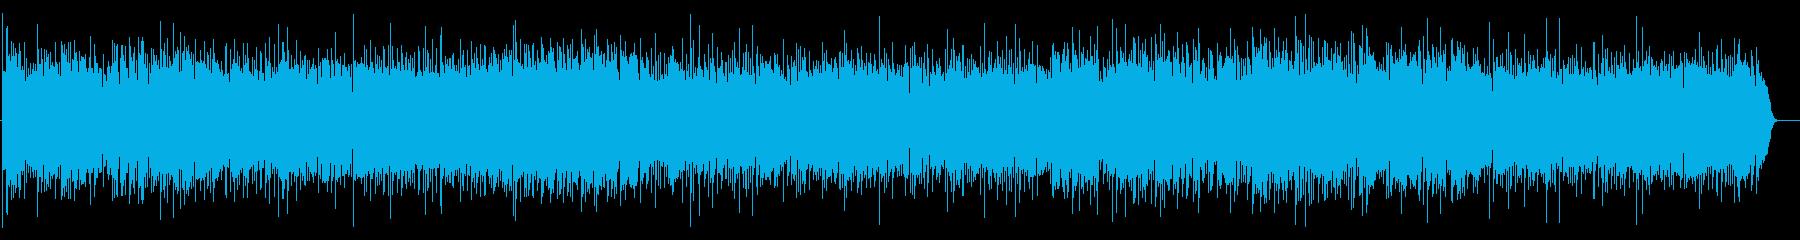 ベンチャーズ風ギターのサーフィンサウンドの再生済みの波形